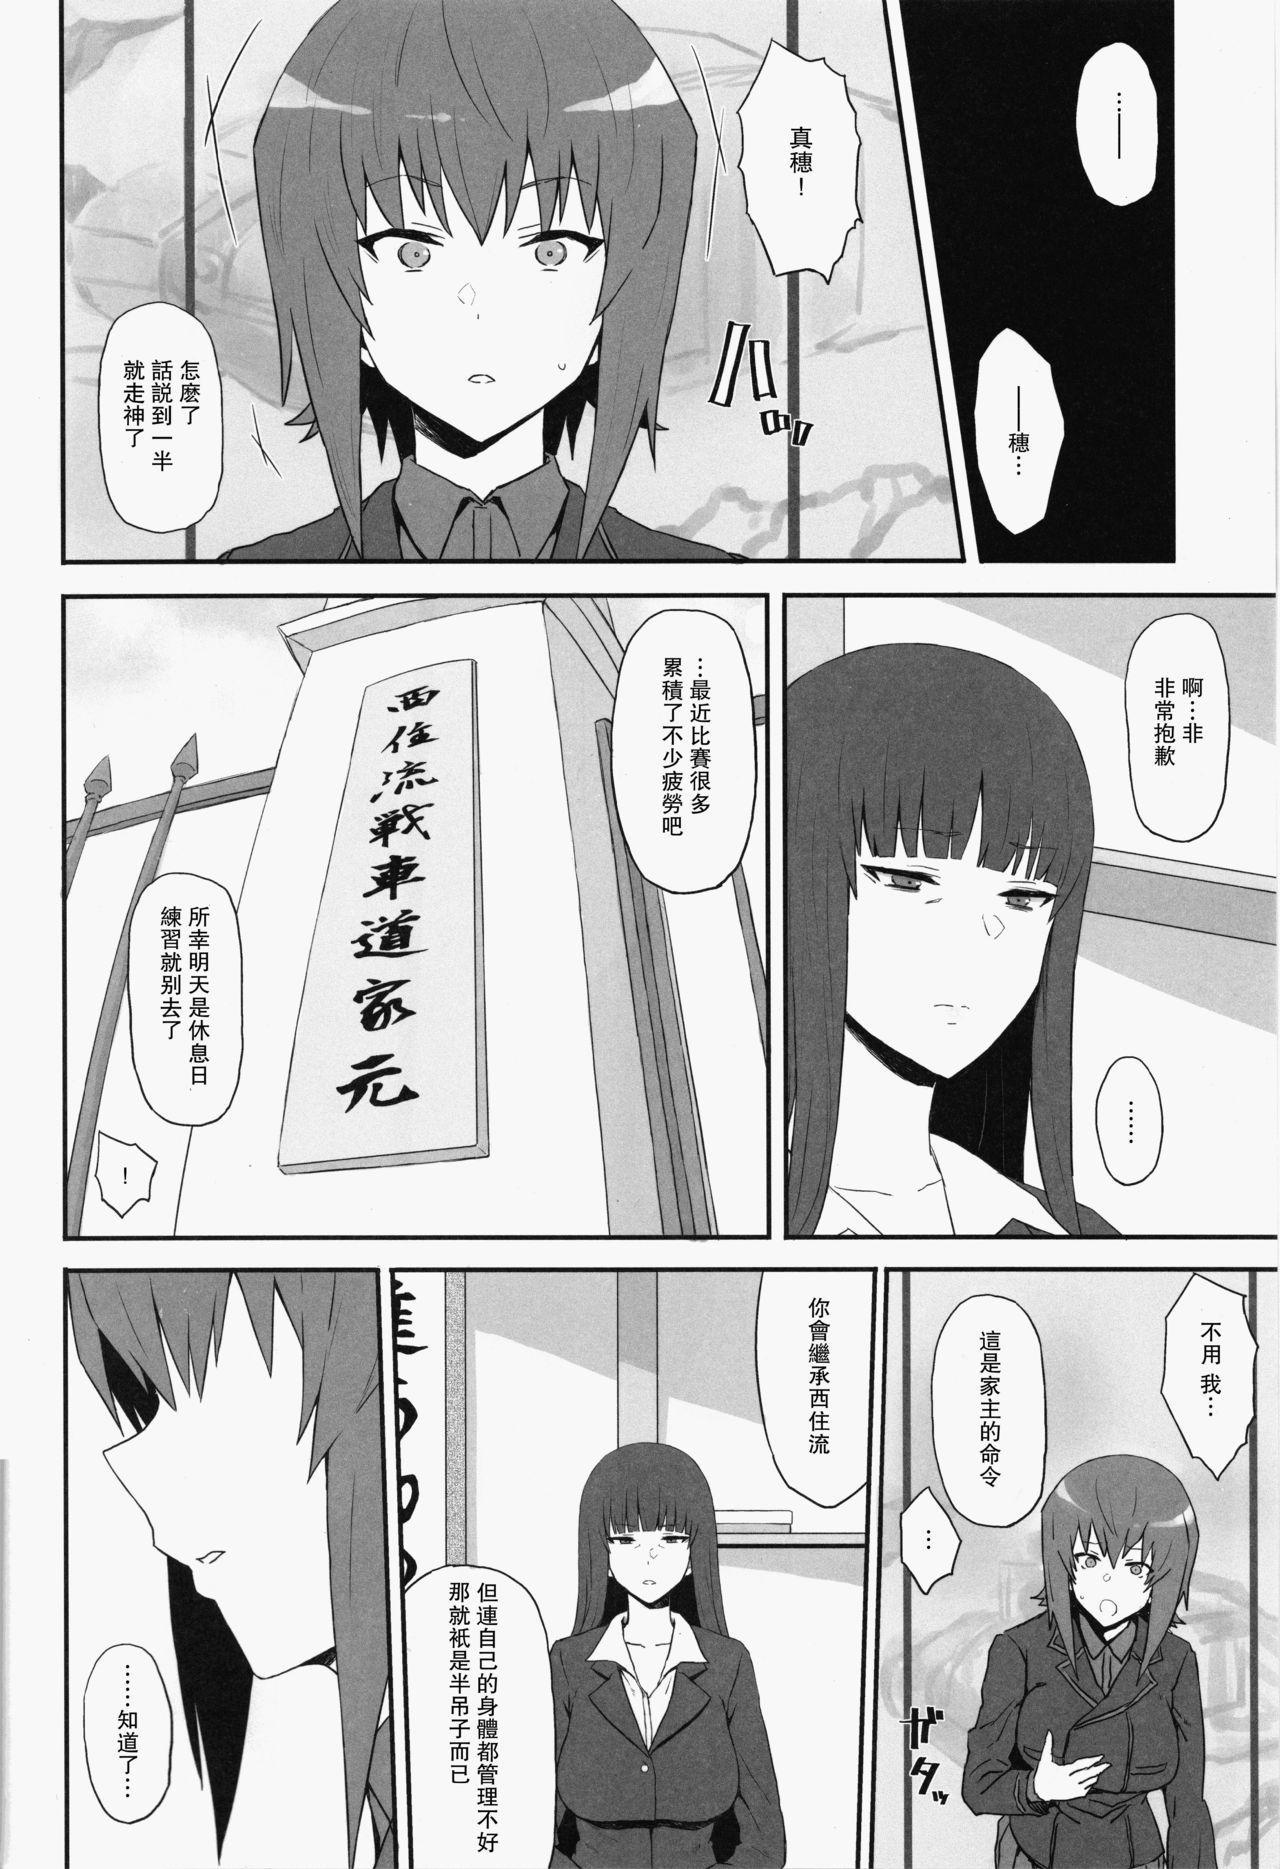 Otoko o Shitta Sensha Musume Soushuuhen 4